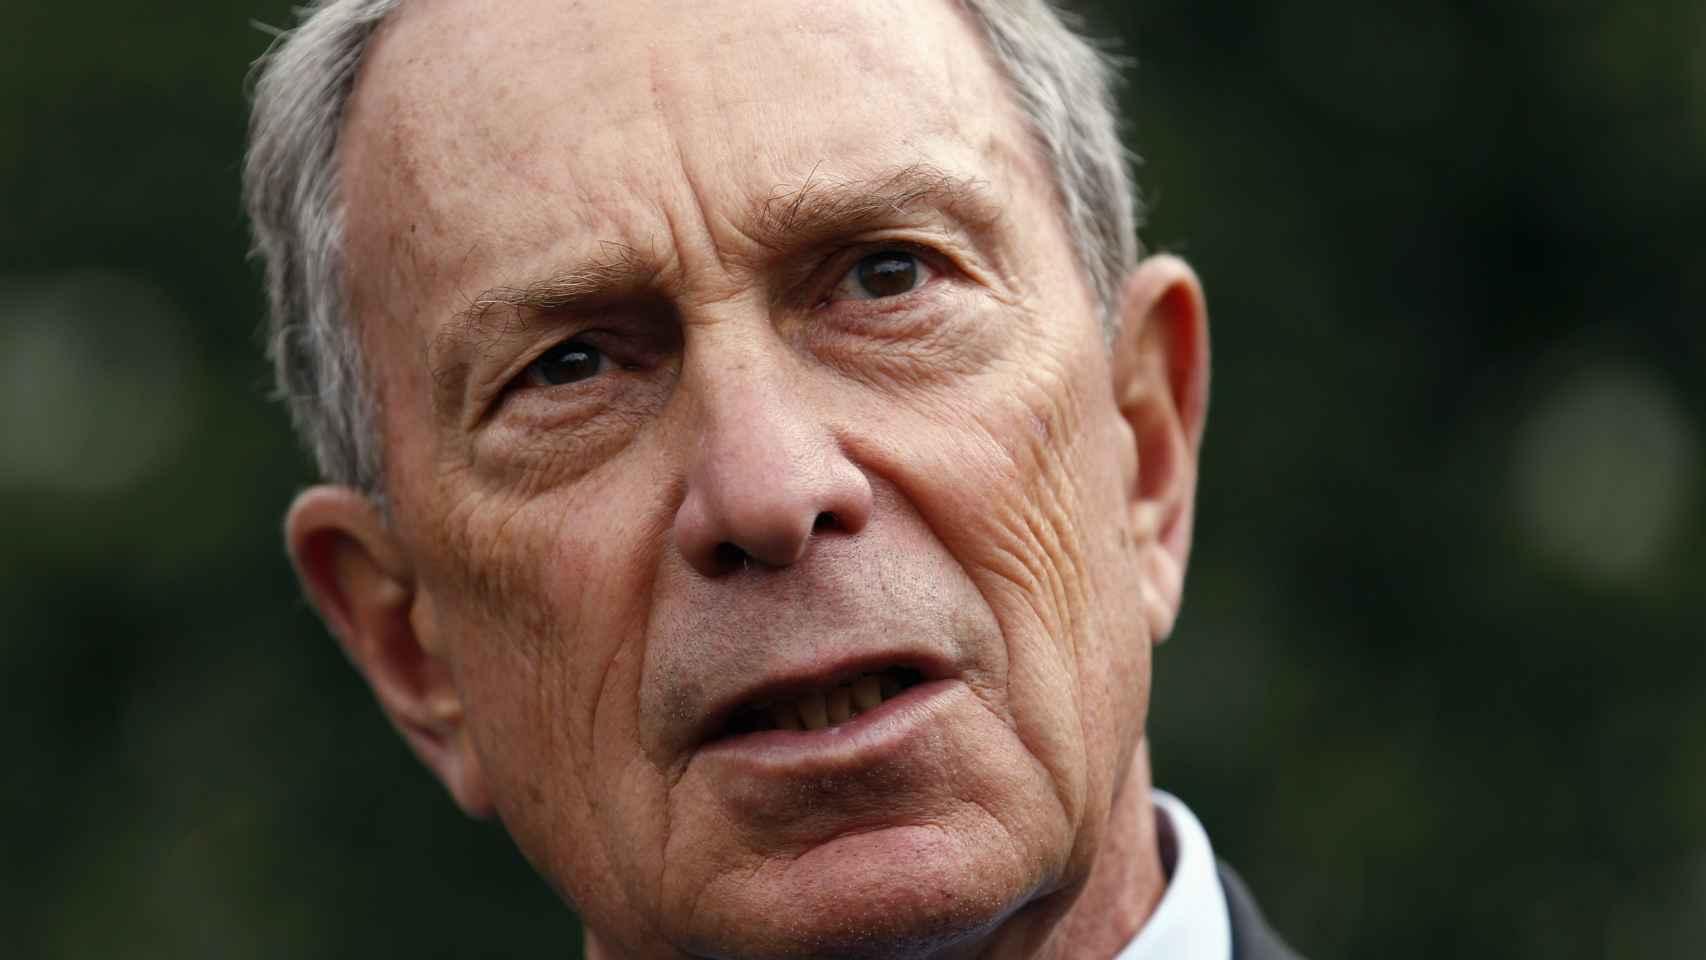 El potencial candidato a las elecciones de EEUU Michael Bloomberg.